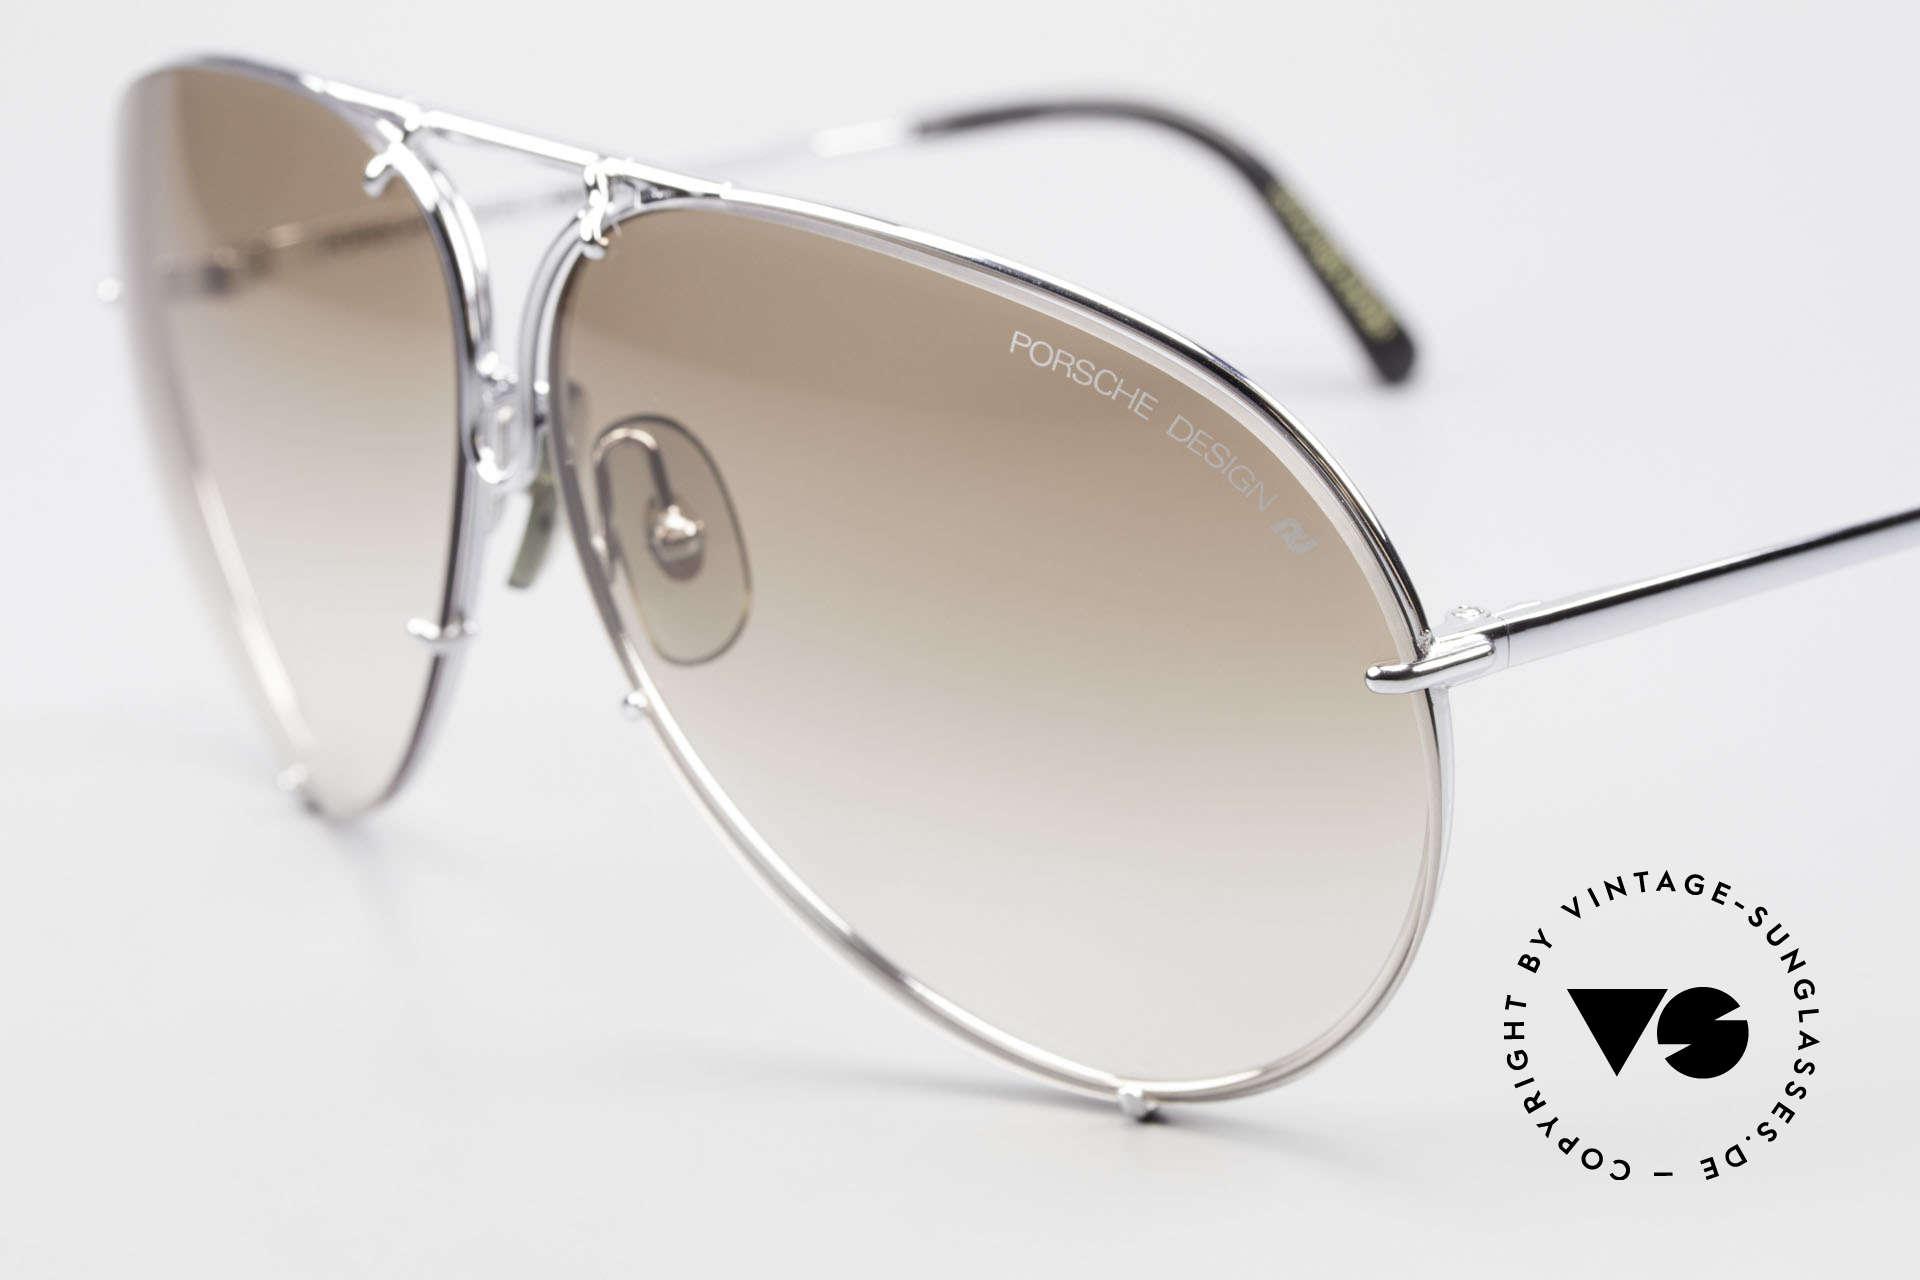 Porsche 5621 80er Brillenklassiker Herren, legendäre Bestseller-Sonnenbrille aus den 1980ern, Passend für Herren